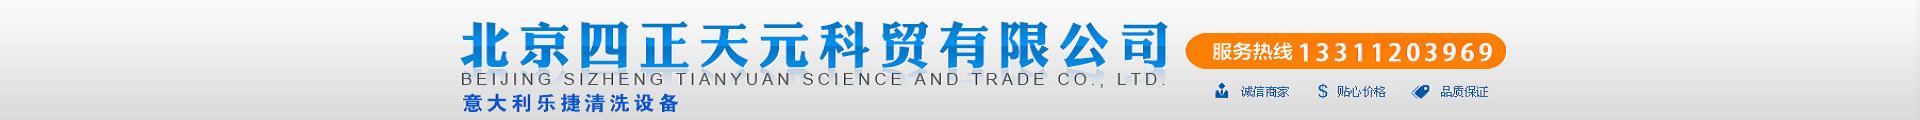 北京四正天元科貿有限公司